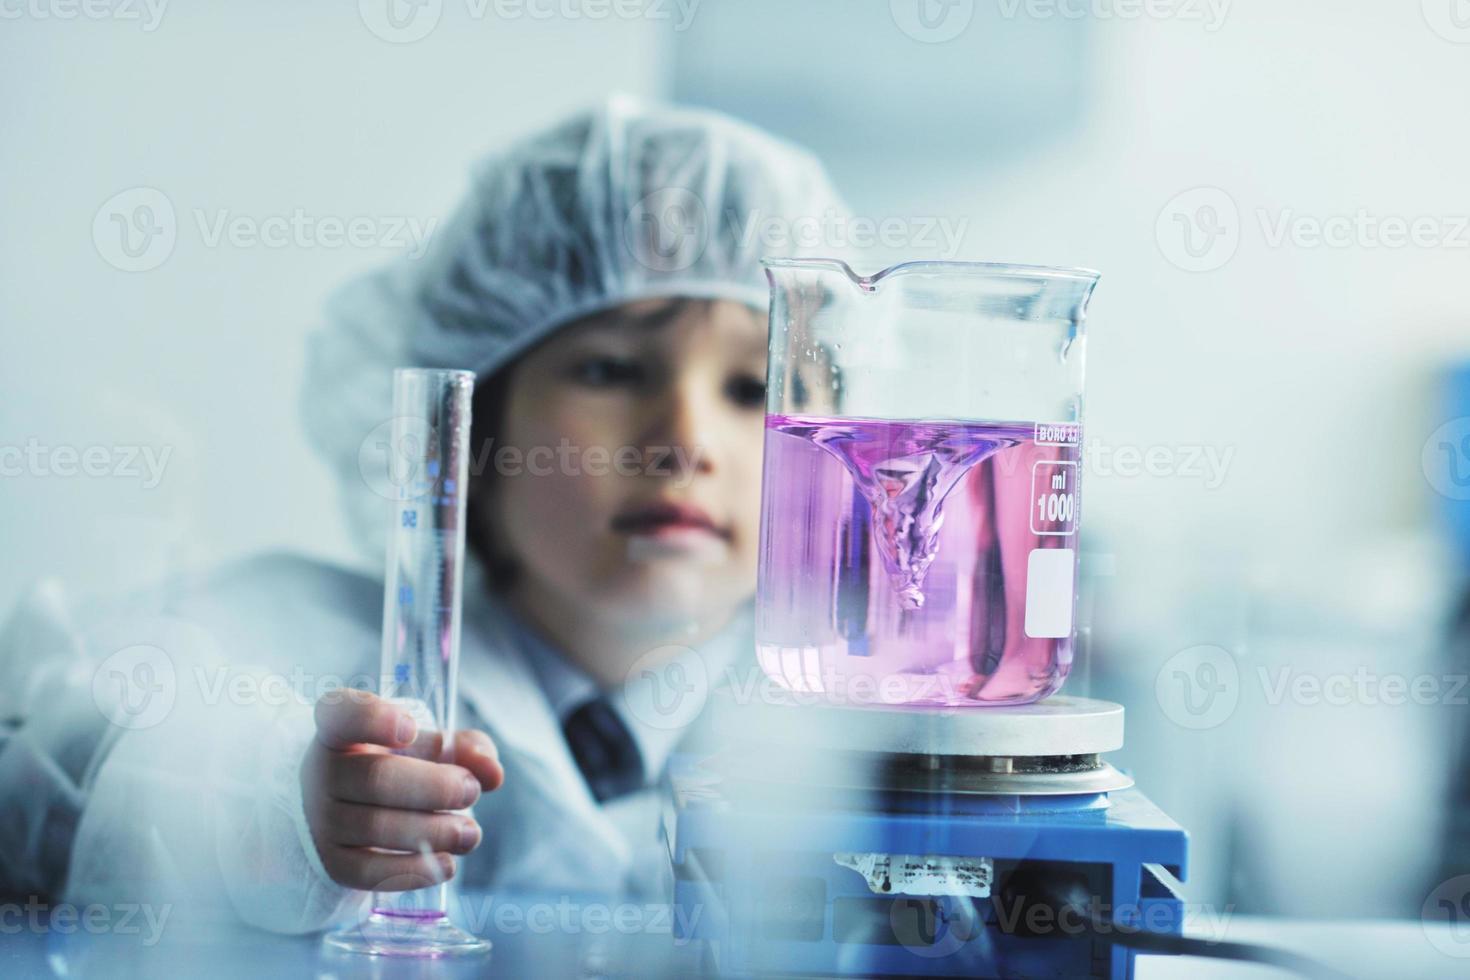 petit enfant scientifique en laboratoire photo